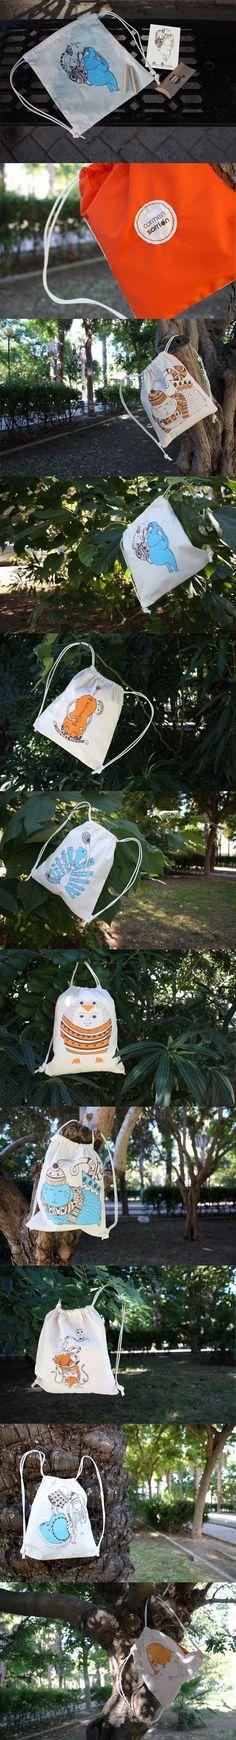 Bags for children #silkscreen #illustration #handmade #sew #bag #children